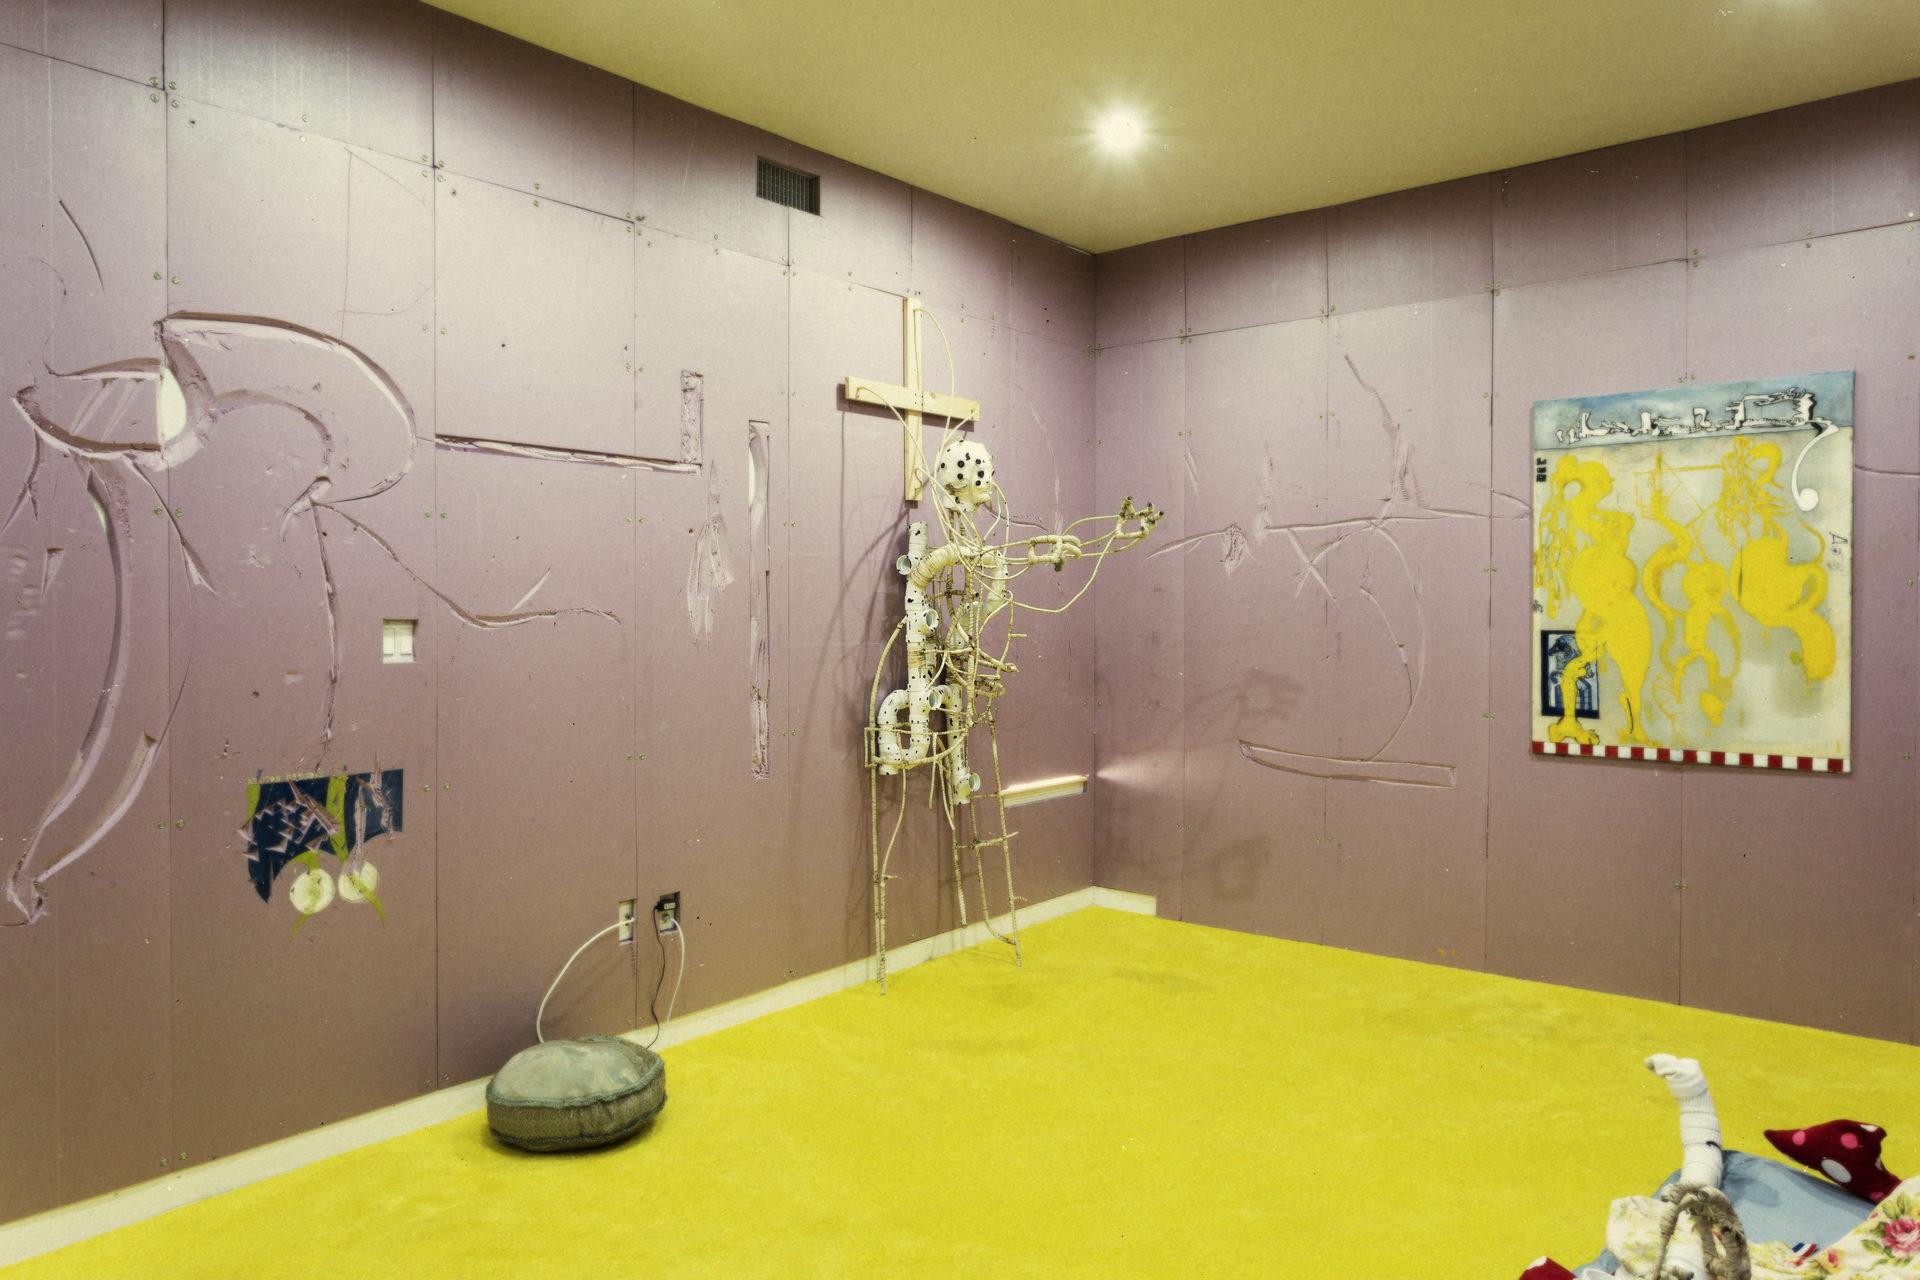 4 (Installation View)